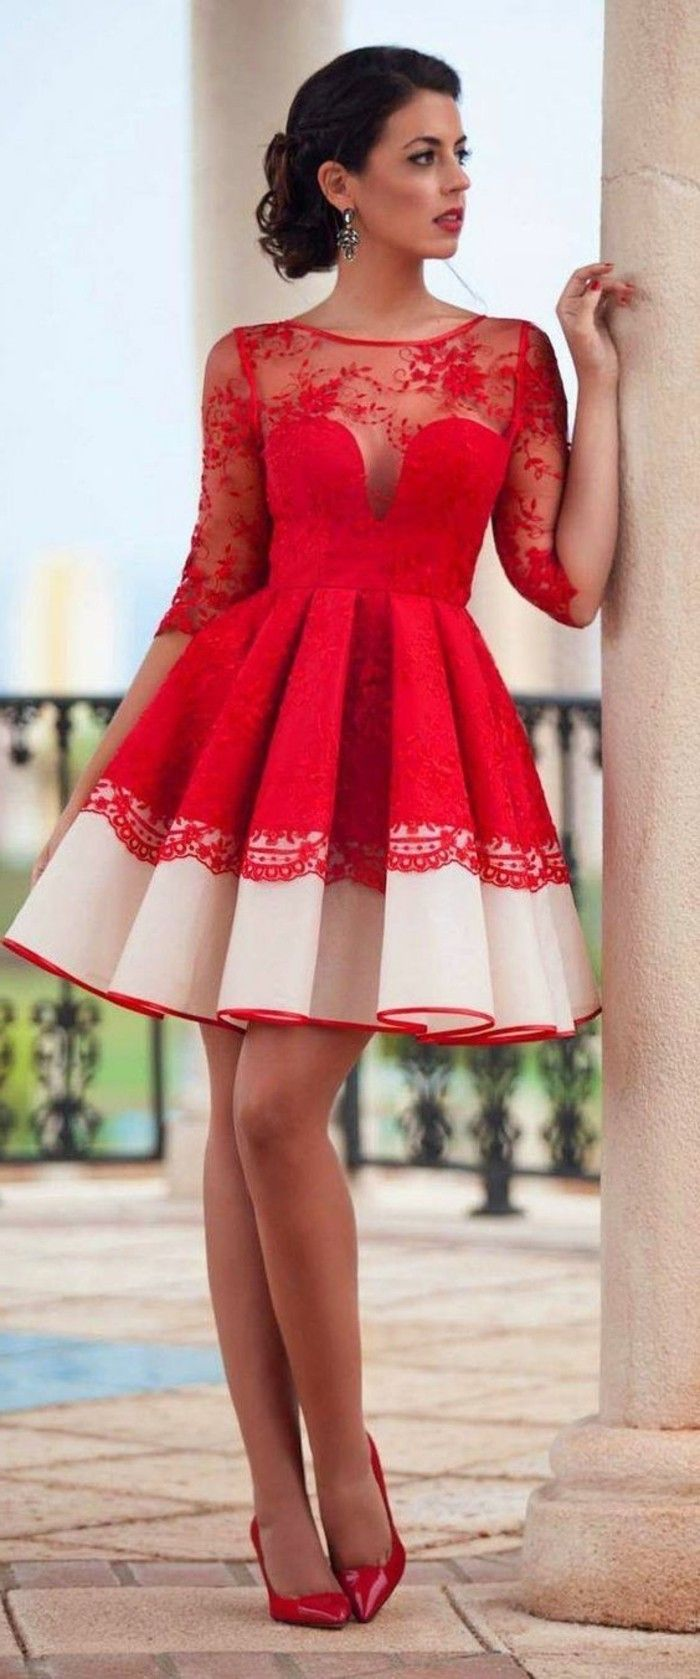 die besten 25 rotes kleid schuhe ideen auf pinterest retro vintage kleider r cke und. Black Bedroom Furniture Sets. Home Design Ideas